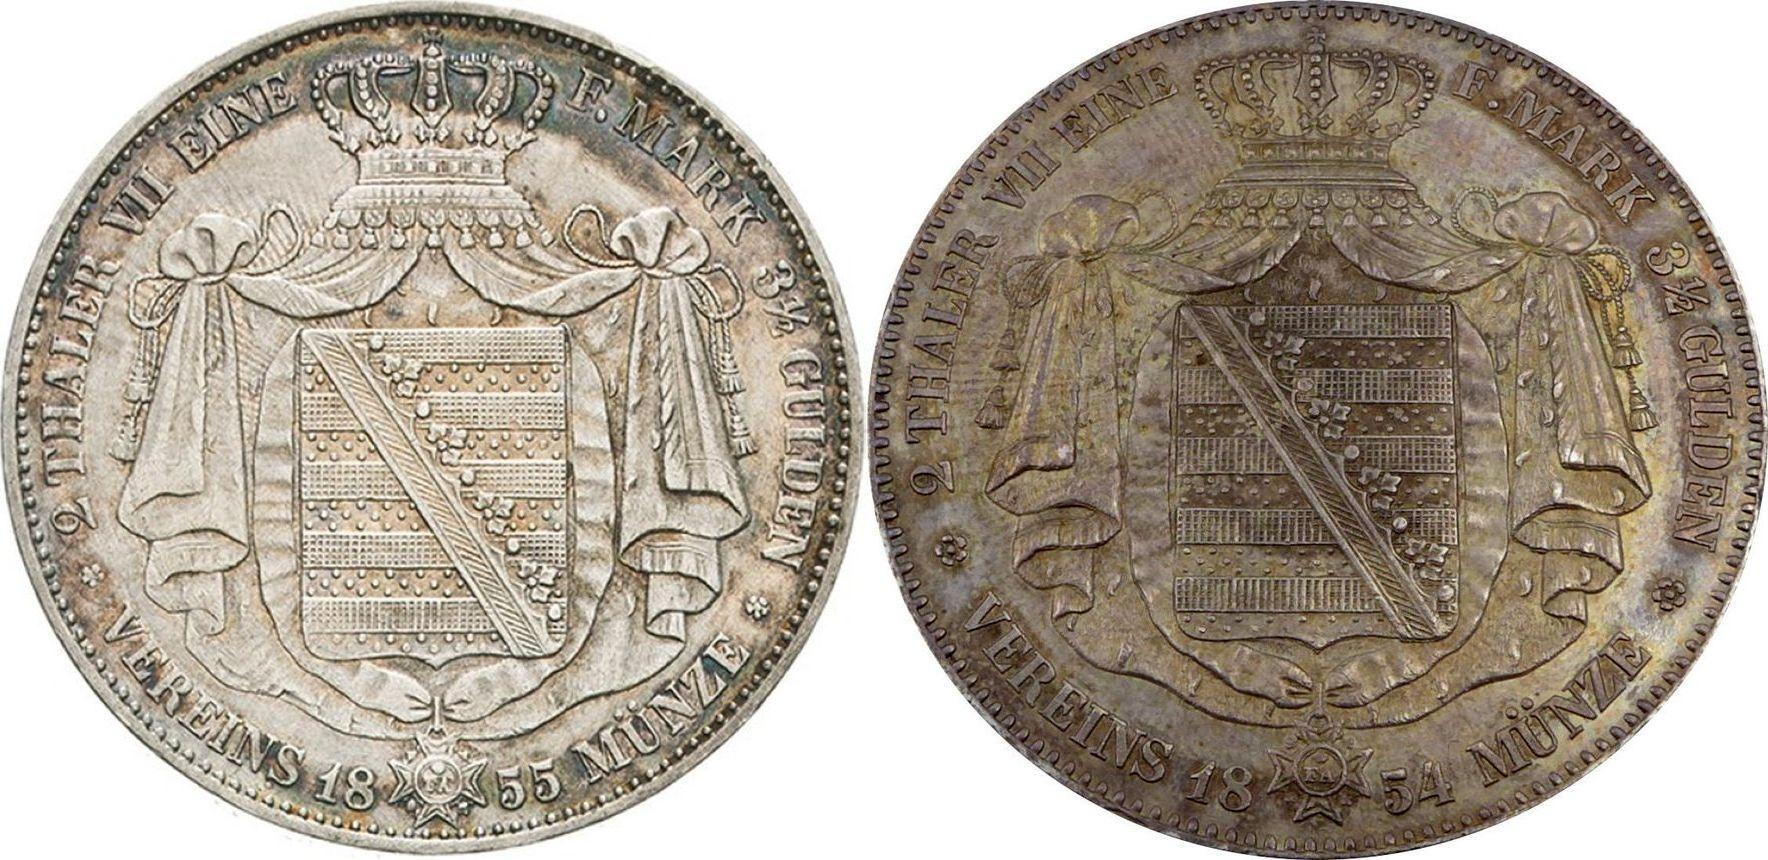 Doppeltaler 1854-55.jpg